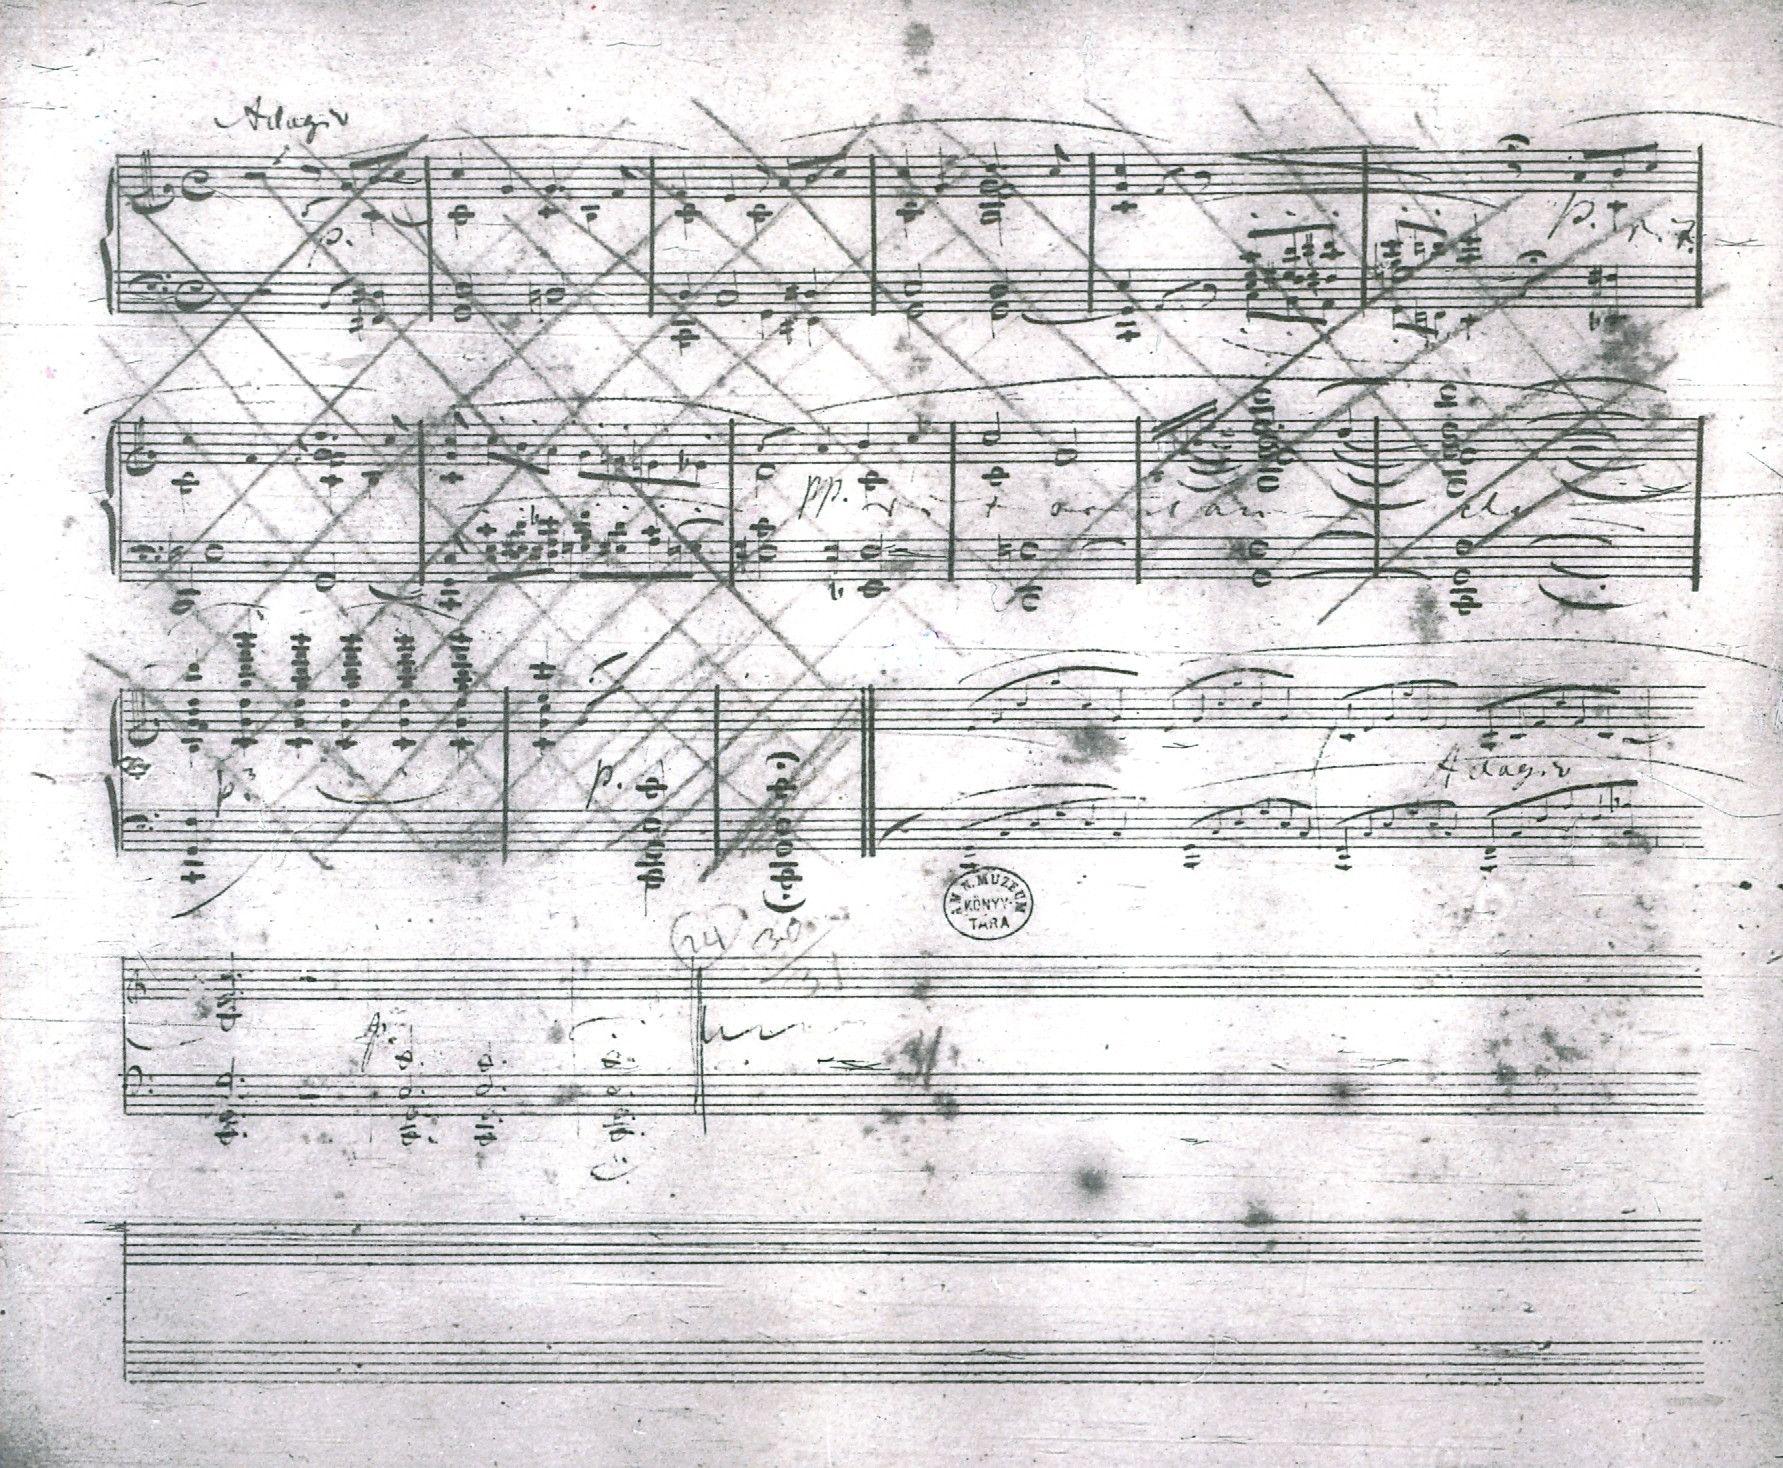 圖為舒曼最信任的騰譜員布累克納騰抄的《幻想曲》,作品 17。舒曼把騰抄好的部份刪去,寫上新的音樂。